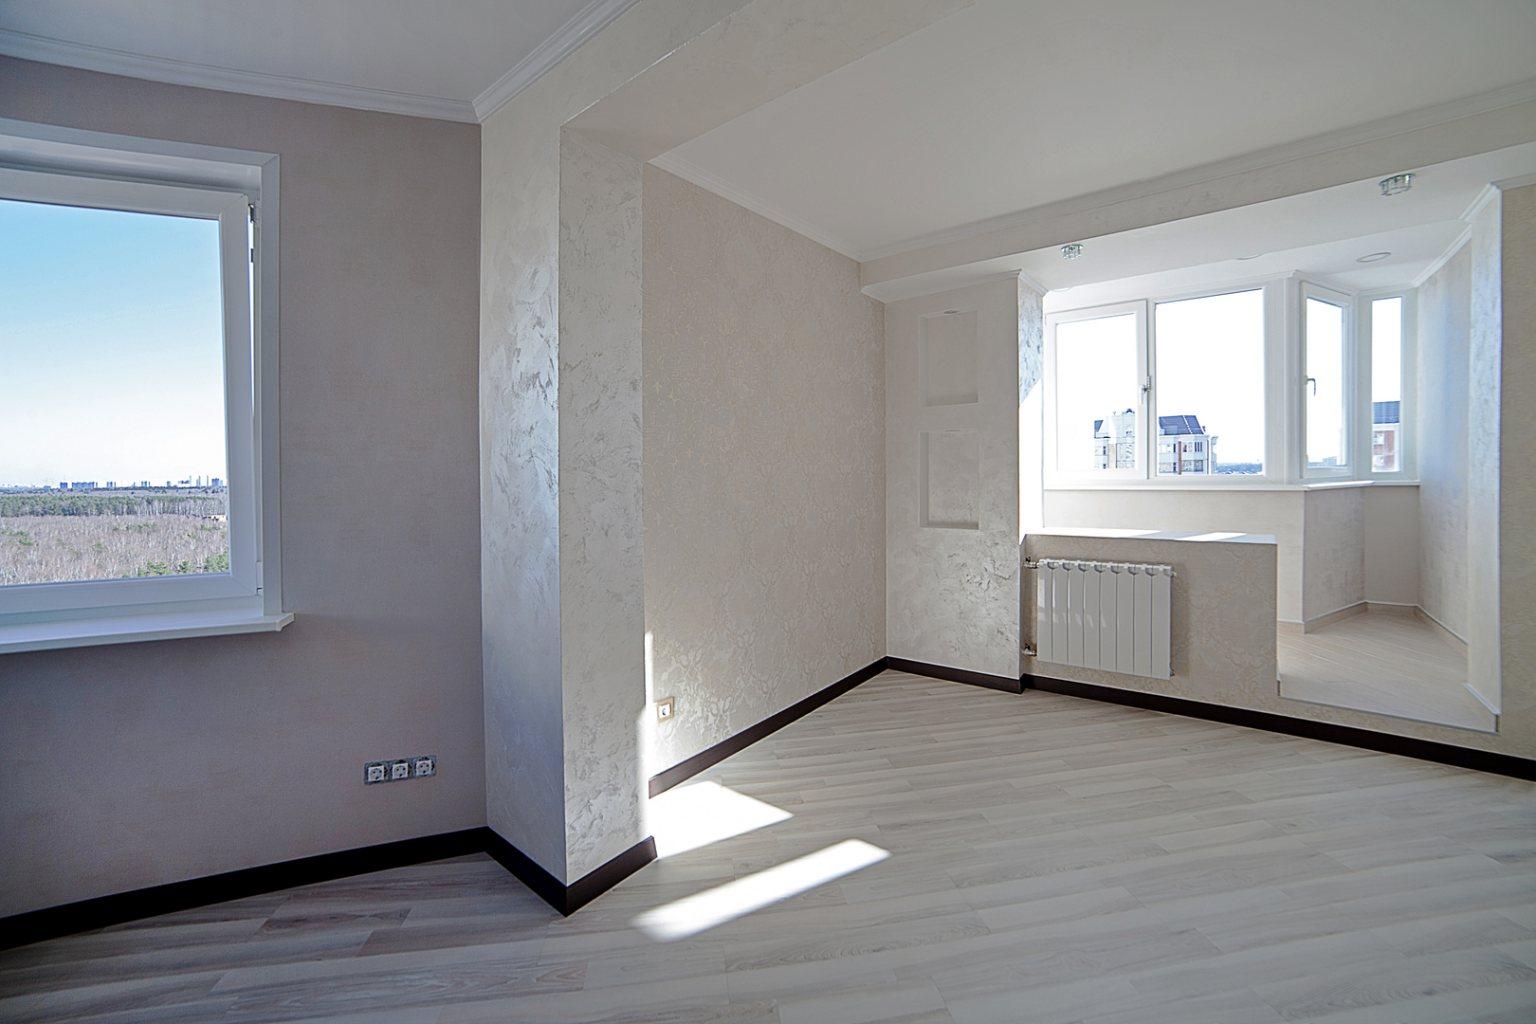 традиции фото ремонта квартир в монолитном доме взять пару невидимок